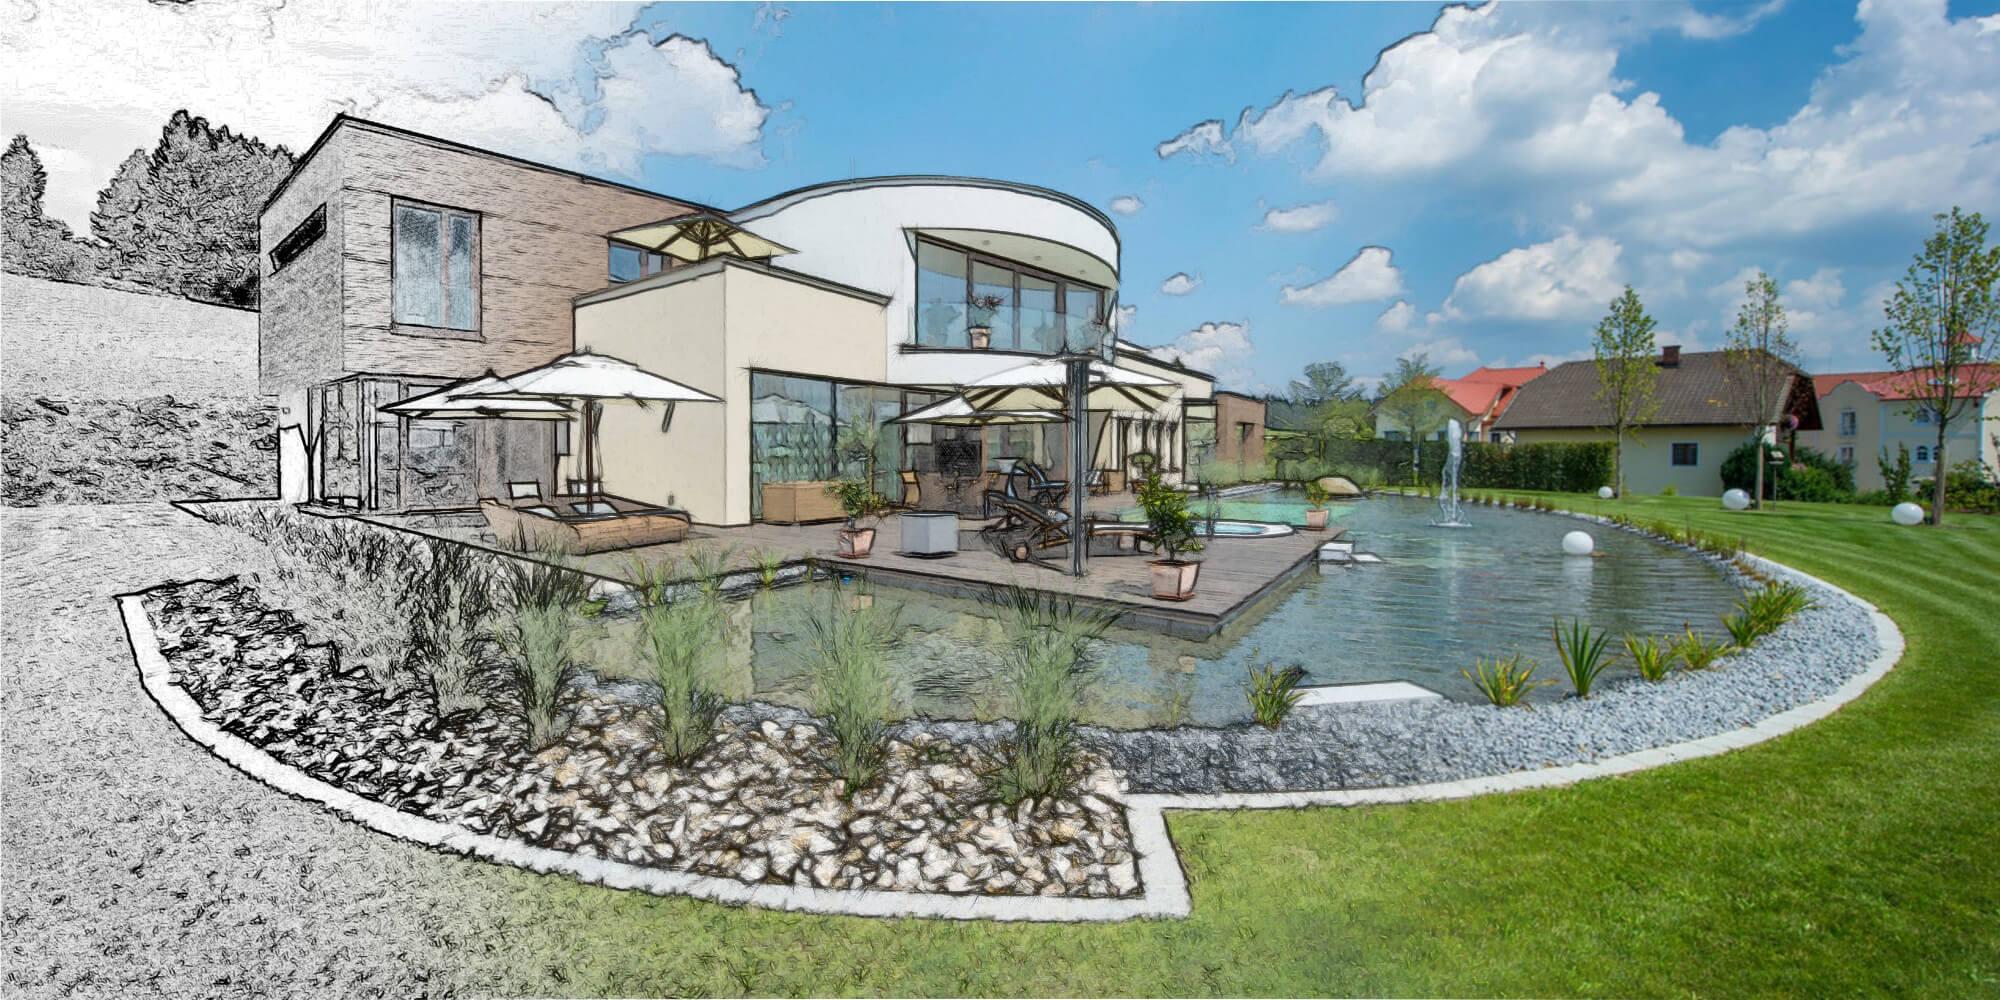 Cre-Plan-Design-Architektur-Innenarchitektur-Design-Rauch-Frühmann-rund-ums-Haus-Gartengestaltung-Pool